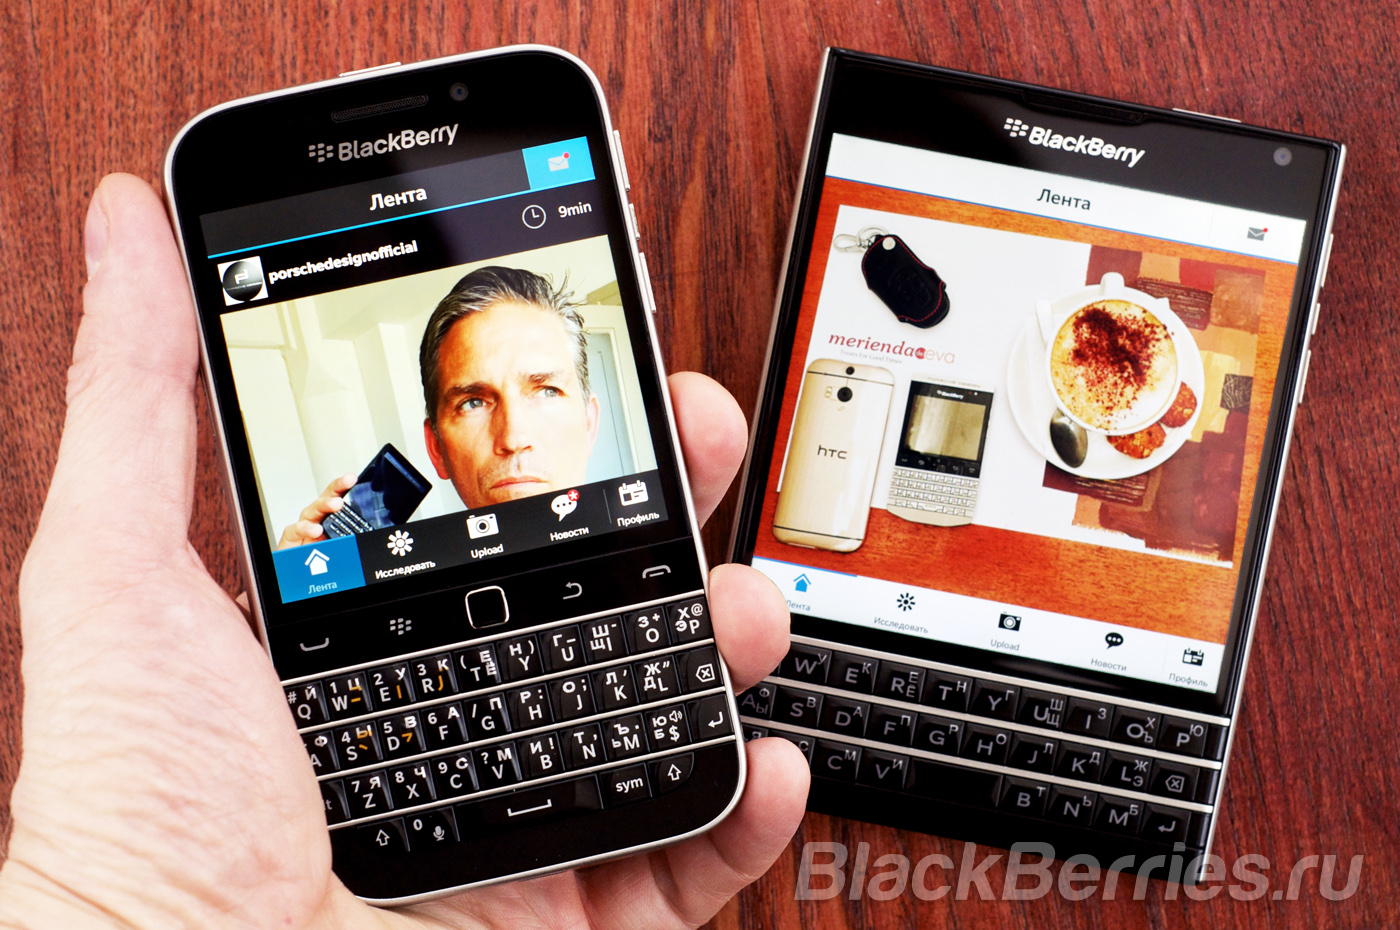 BlackBerry-iGrann-Direct